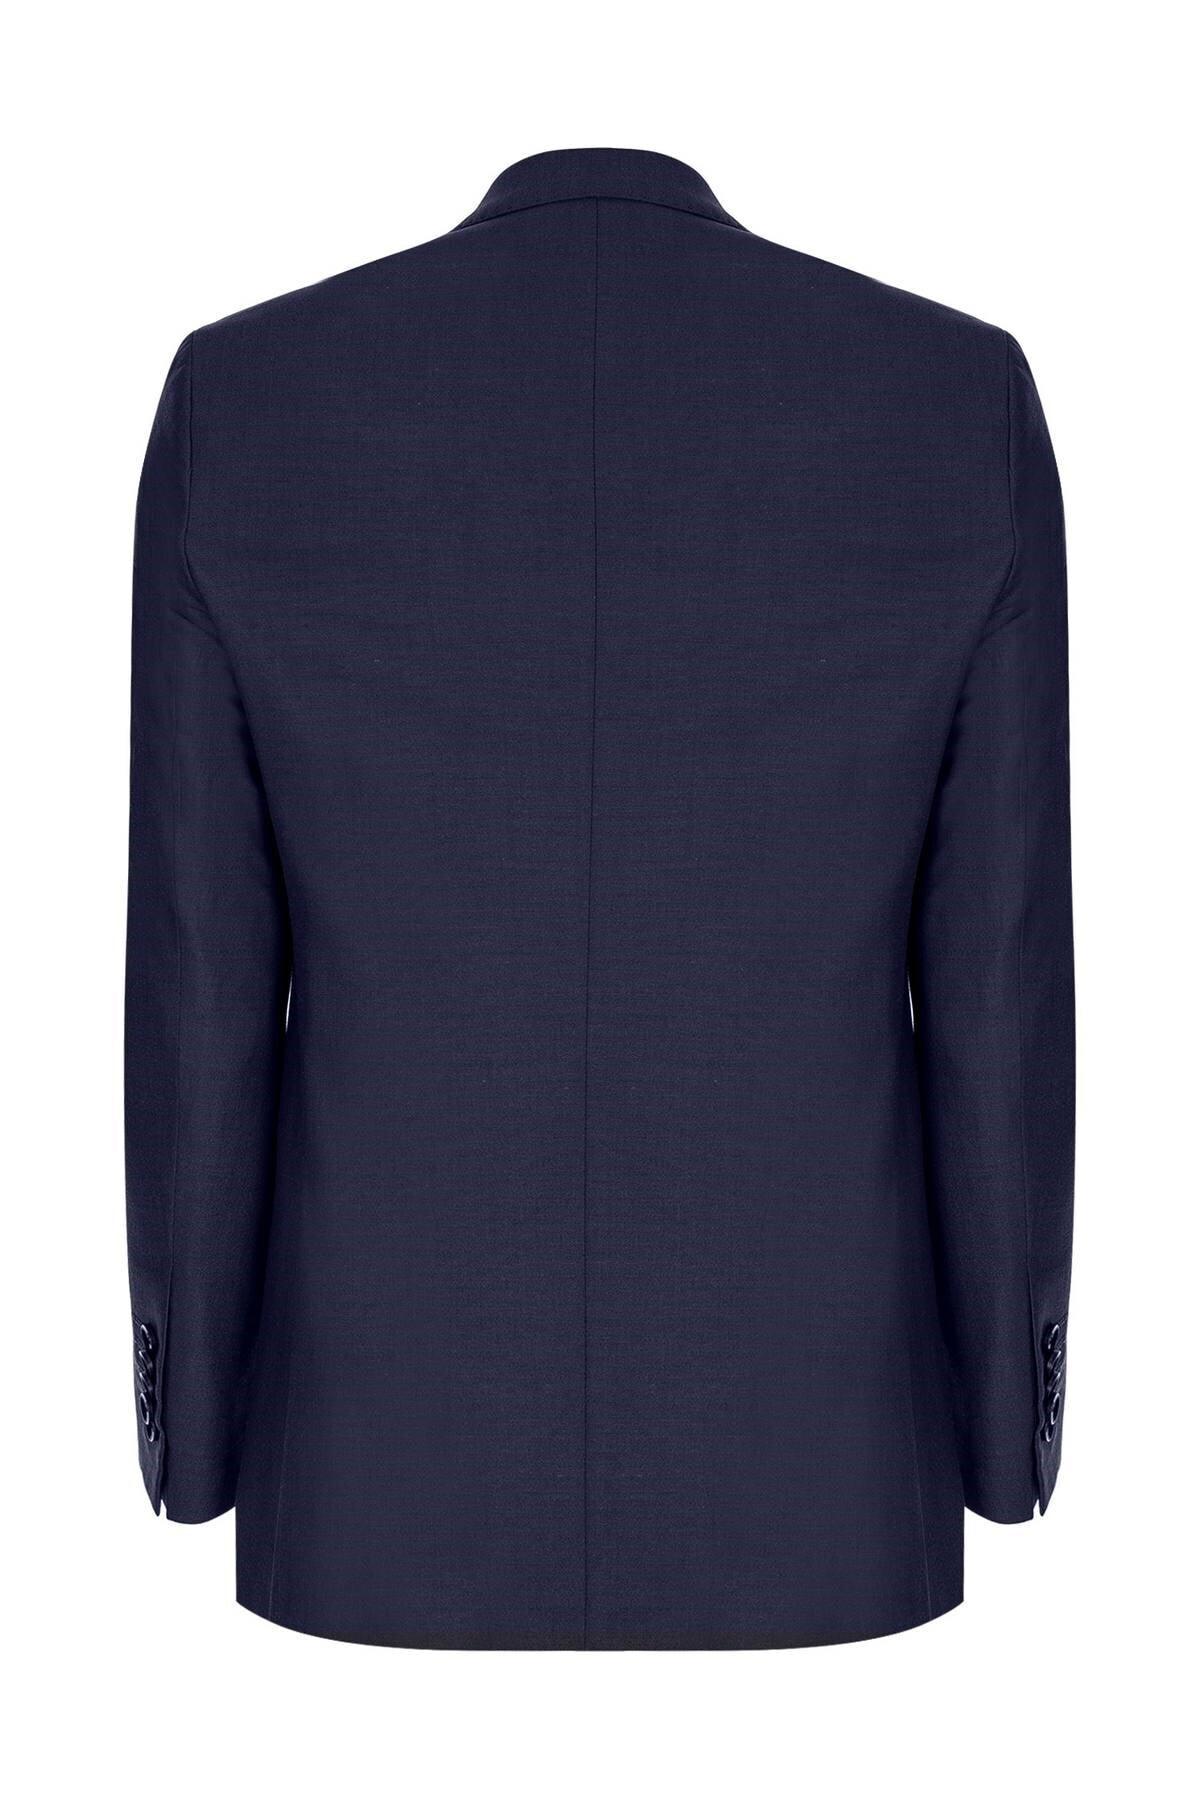 İgs Erkek Lacivert Barı / Geniş Kalıp Std Takım Elbise 2